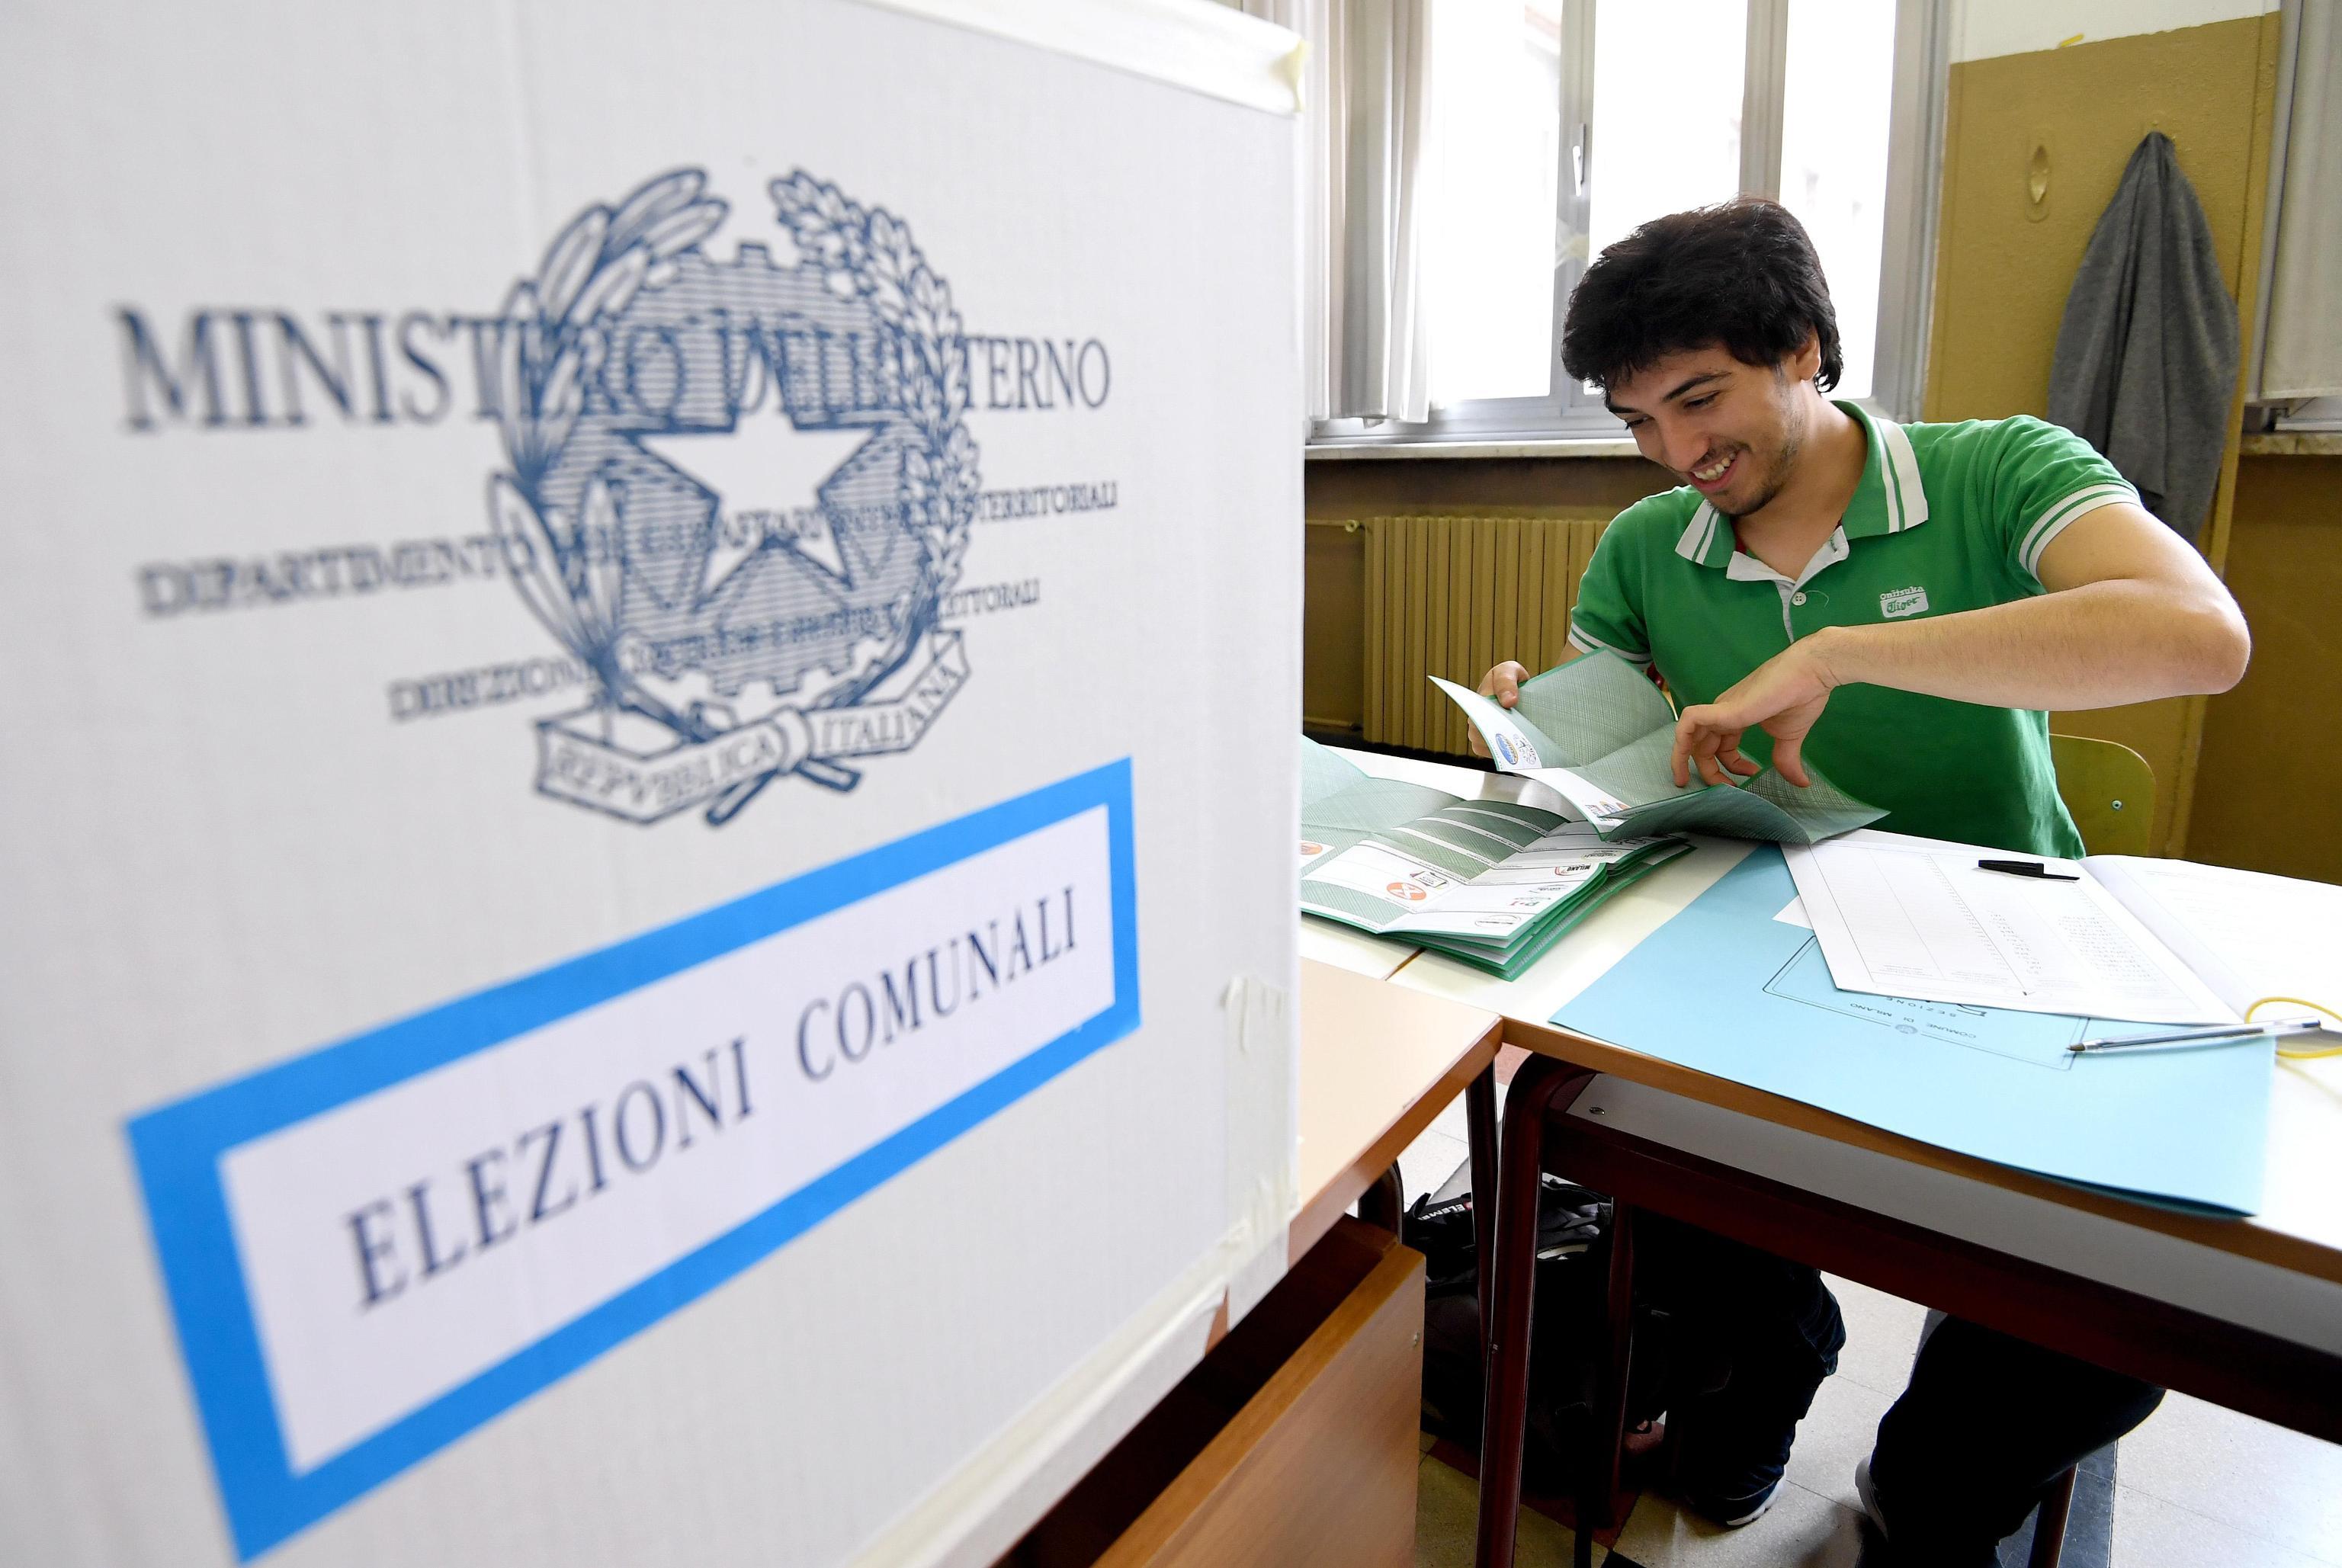 Elezioni Verona 2017: candidati sindaco e ultime news sulle Elezioni Comunali nel capoluogo scaligero